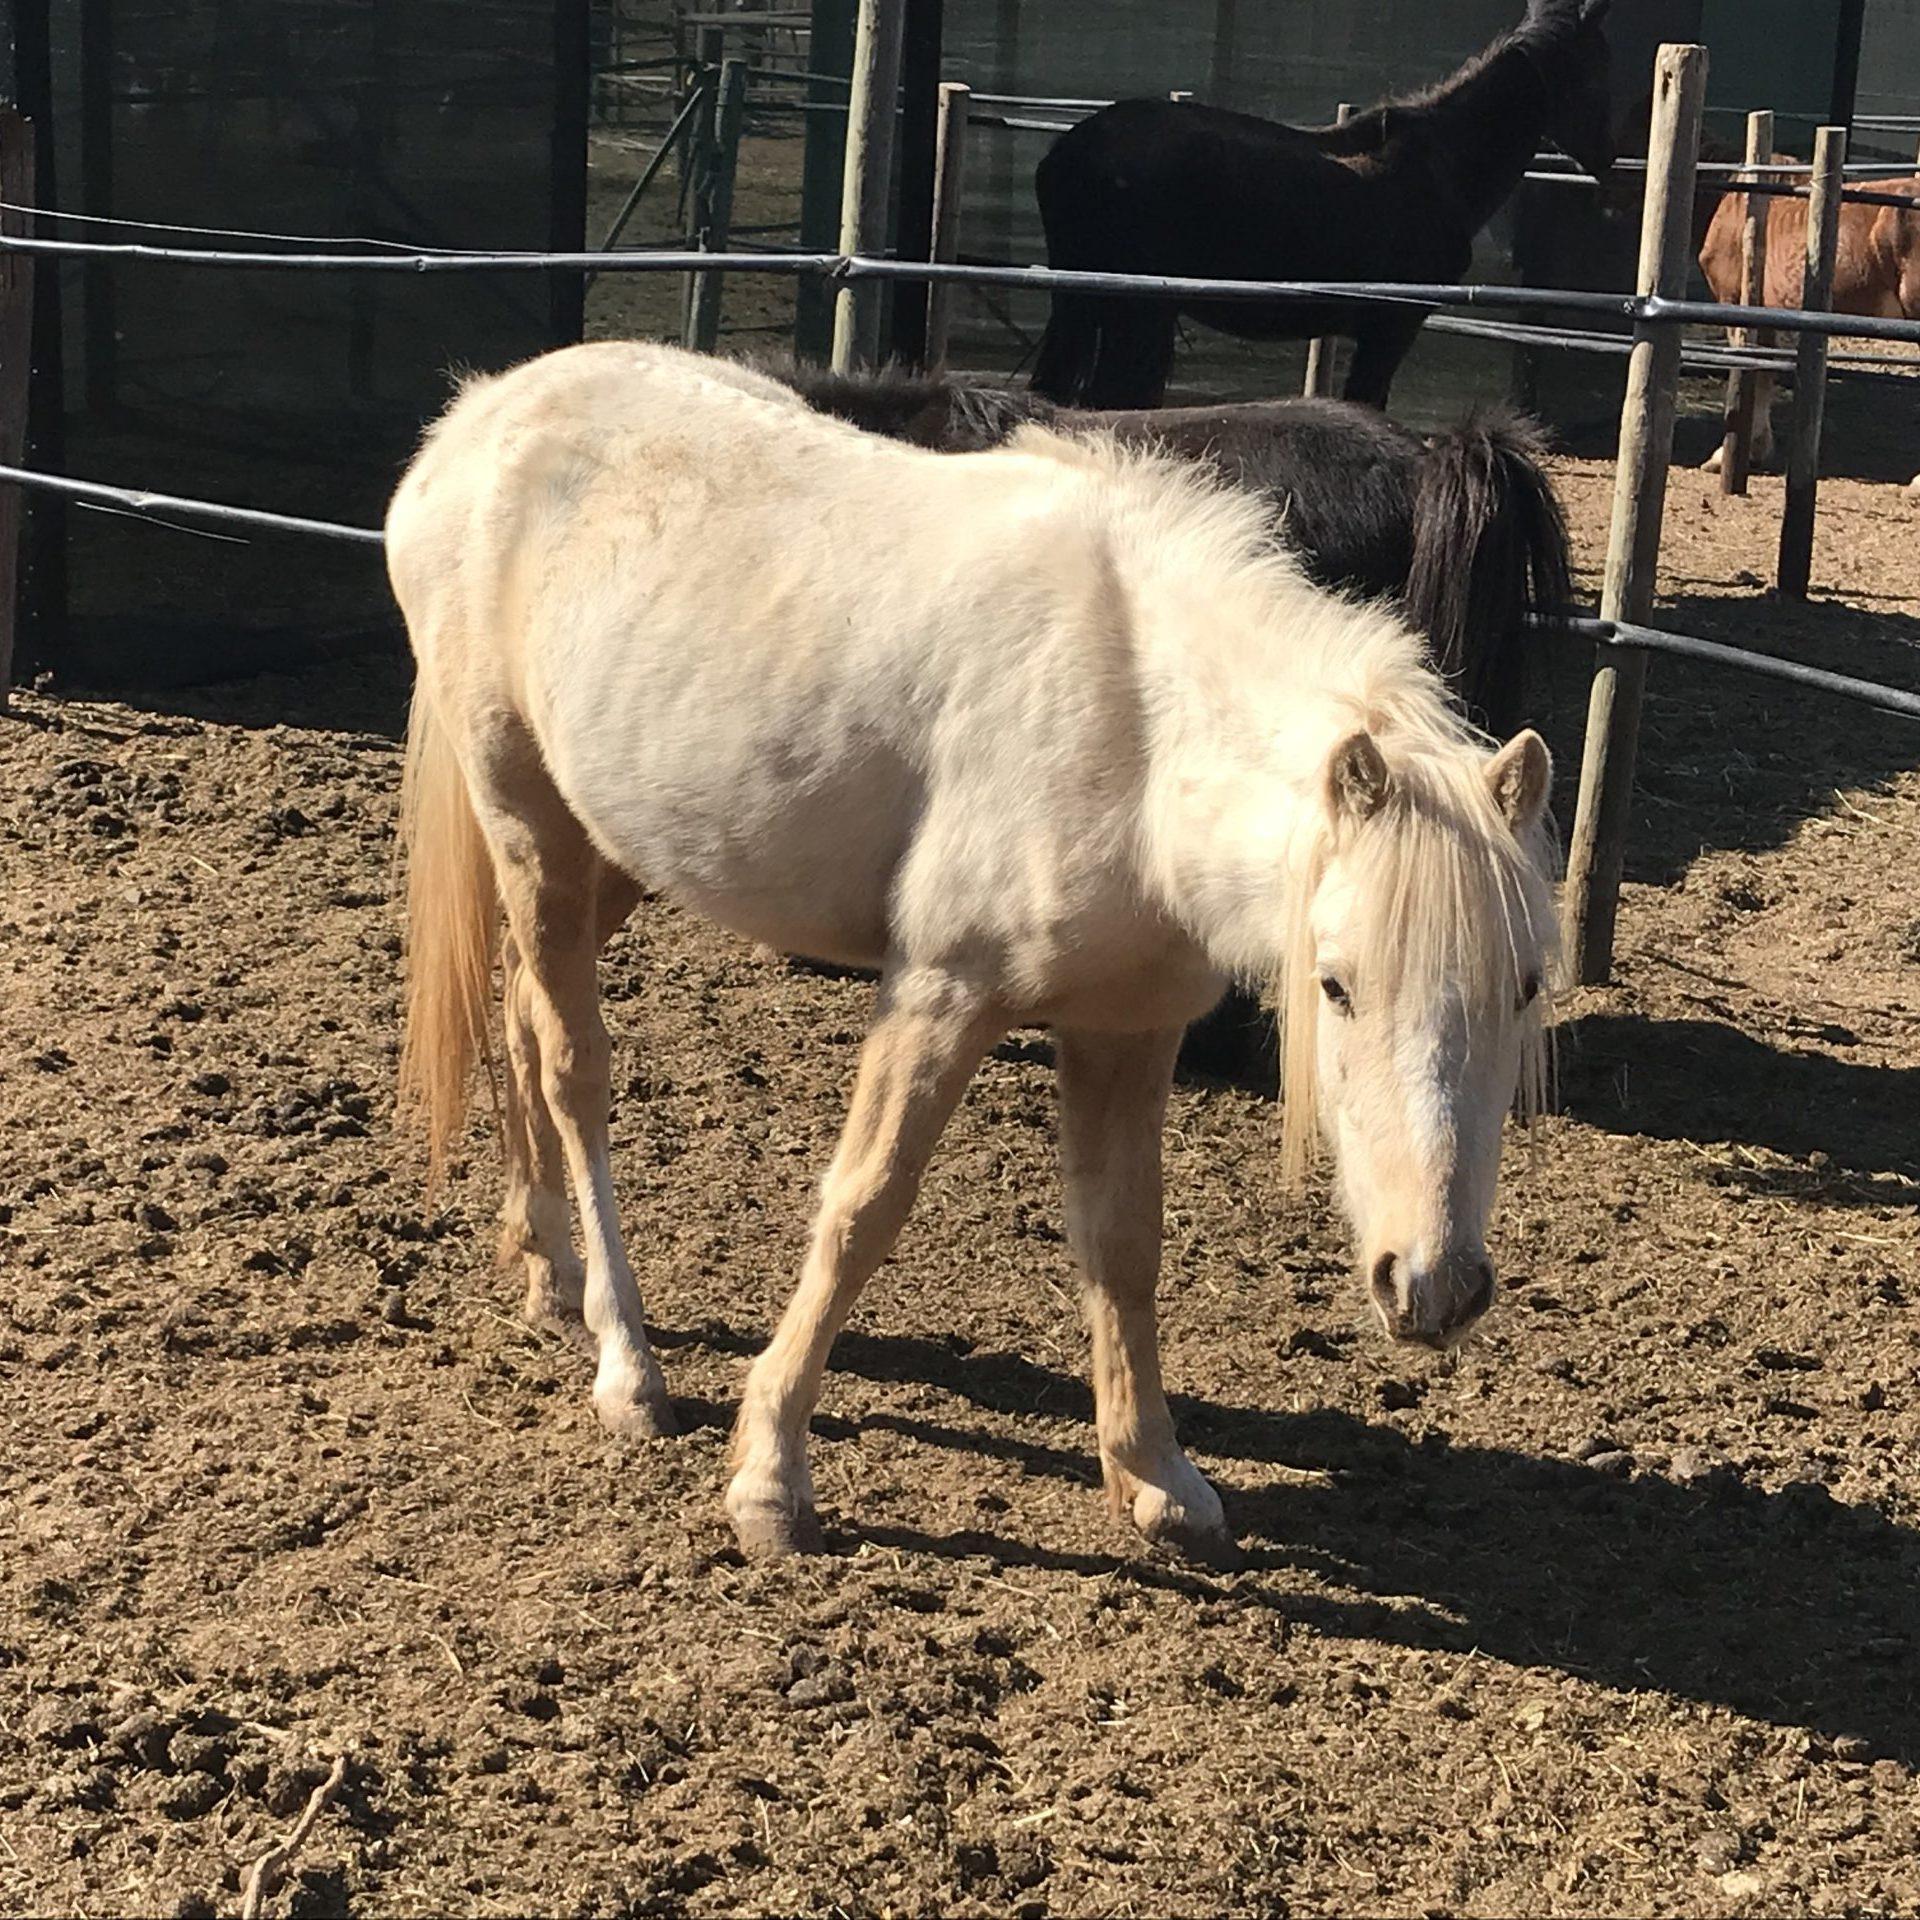 Have a heart equine Sanctuary